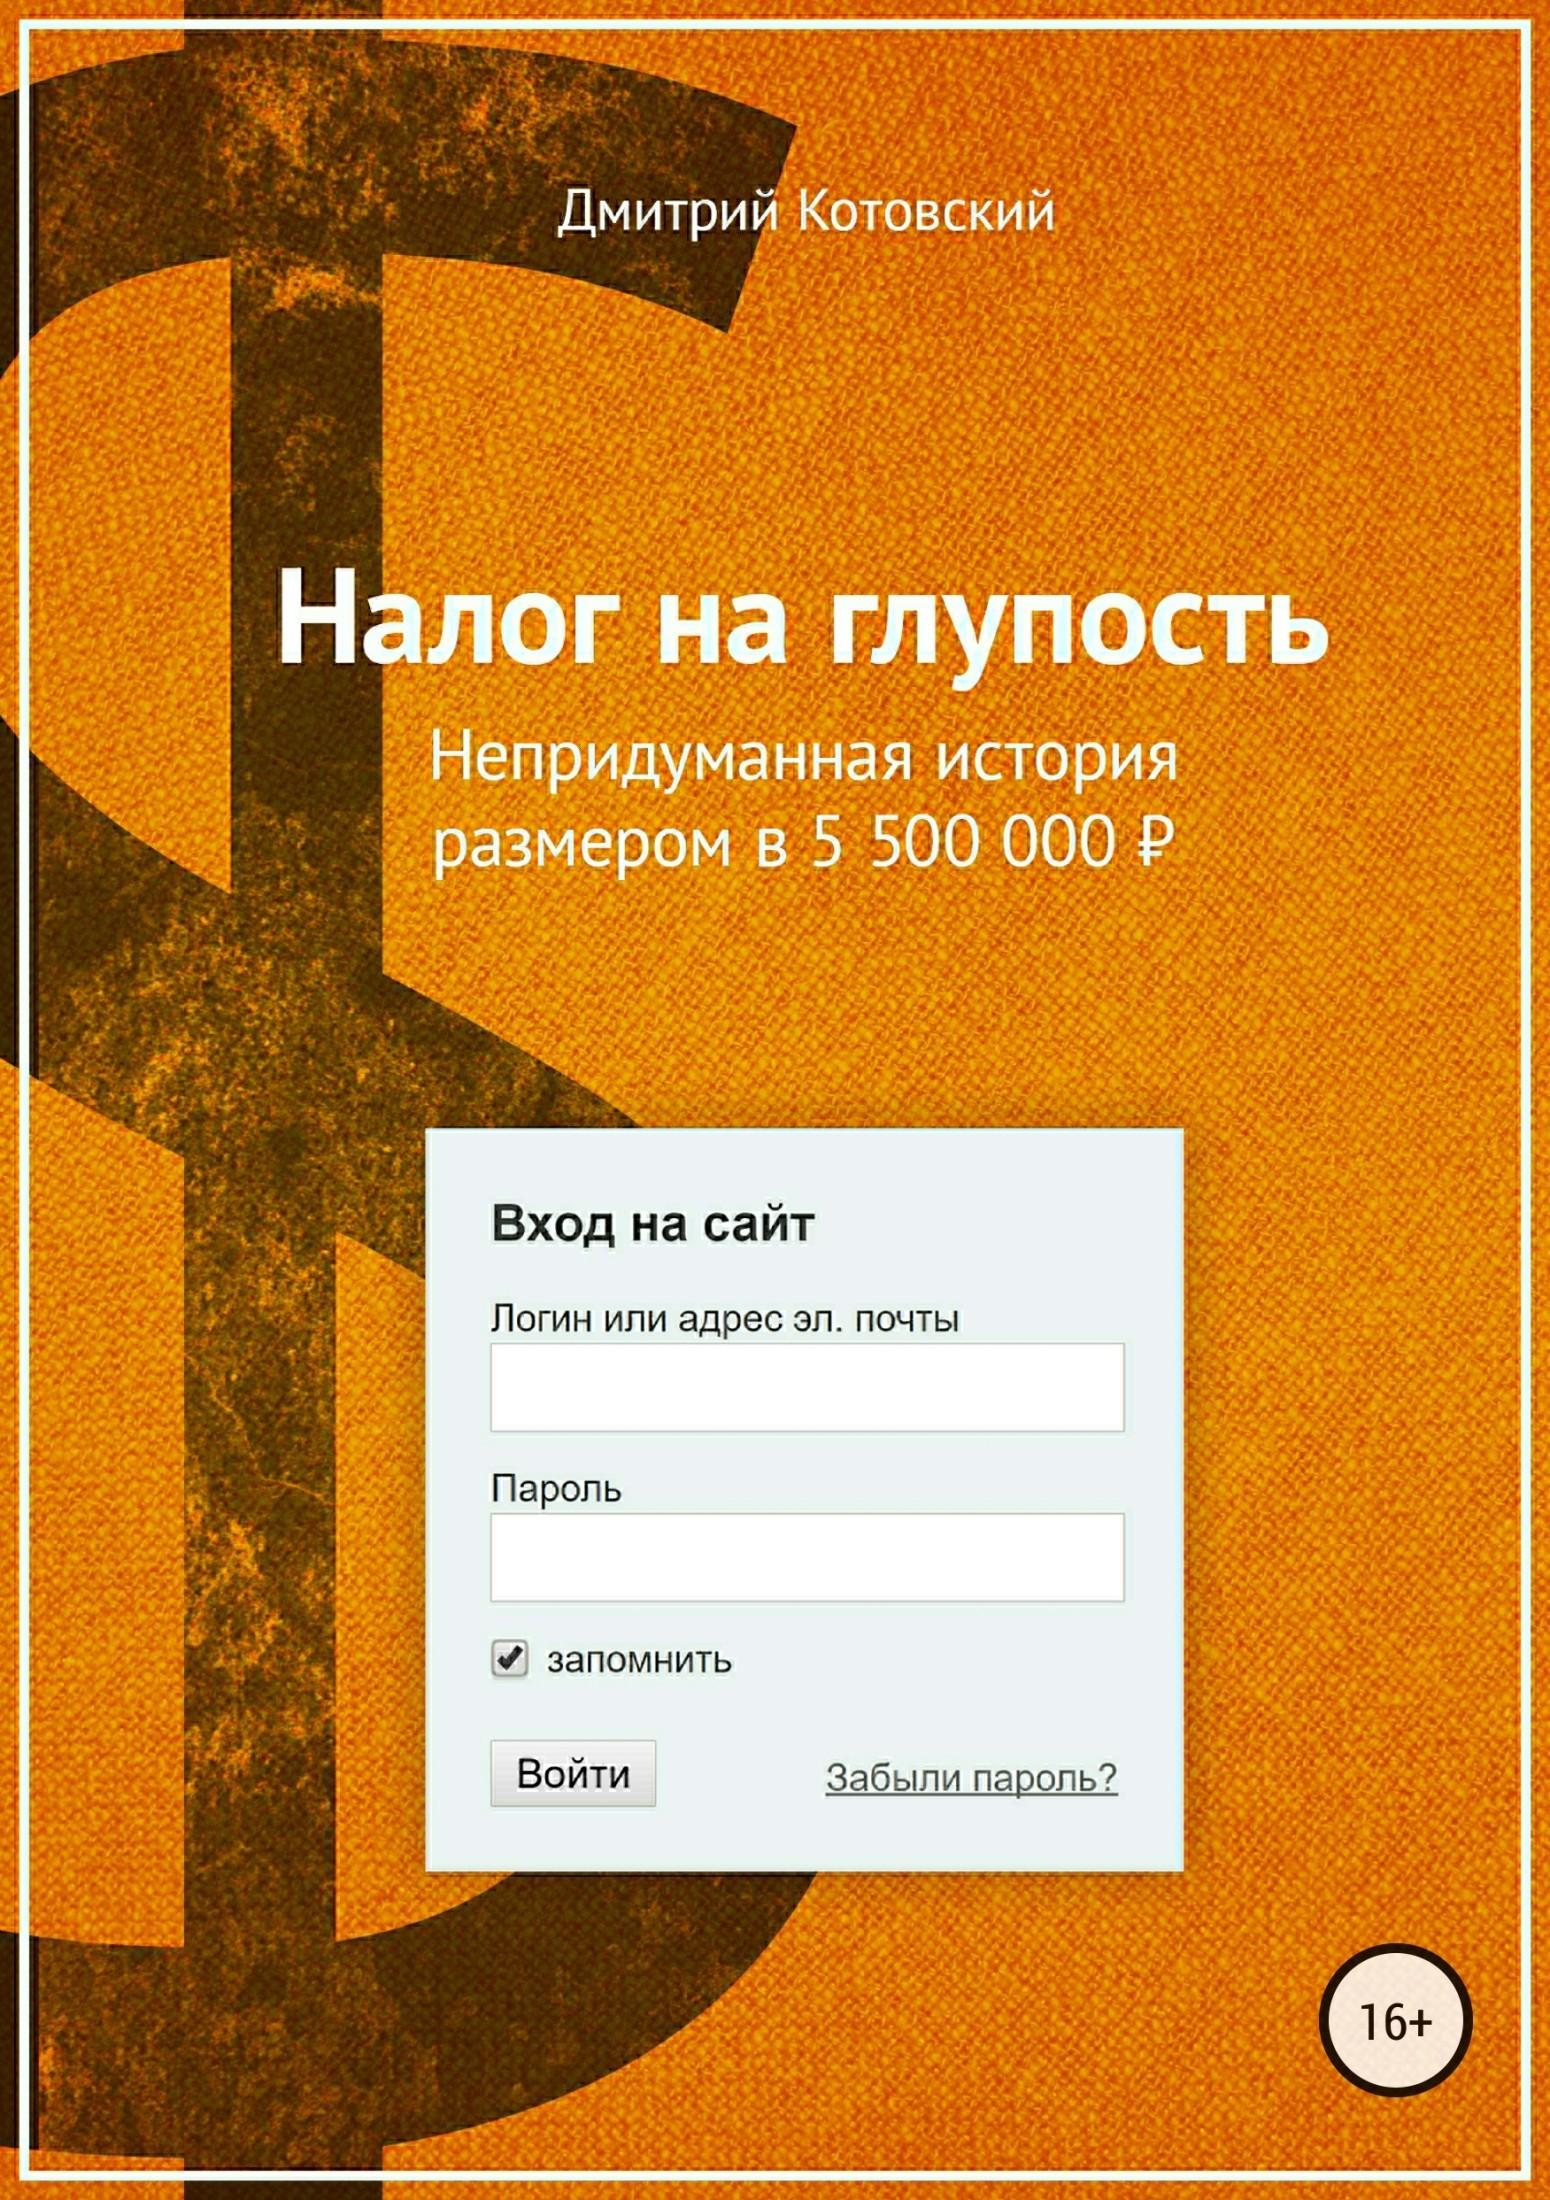 Обложка книги. Автор - Дмитрий Котовский